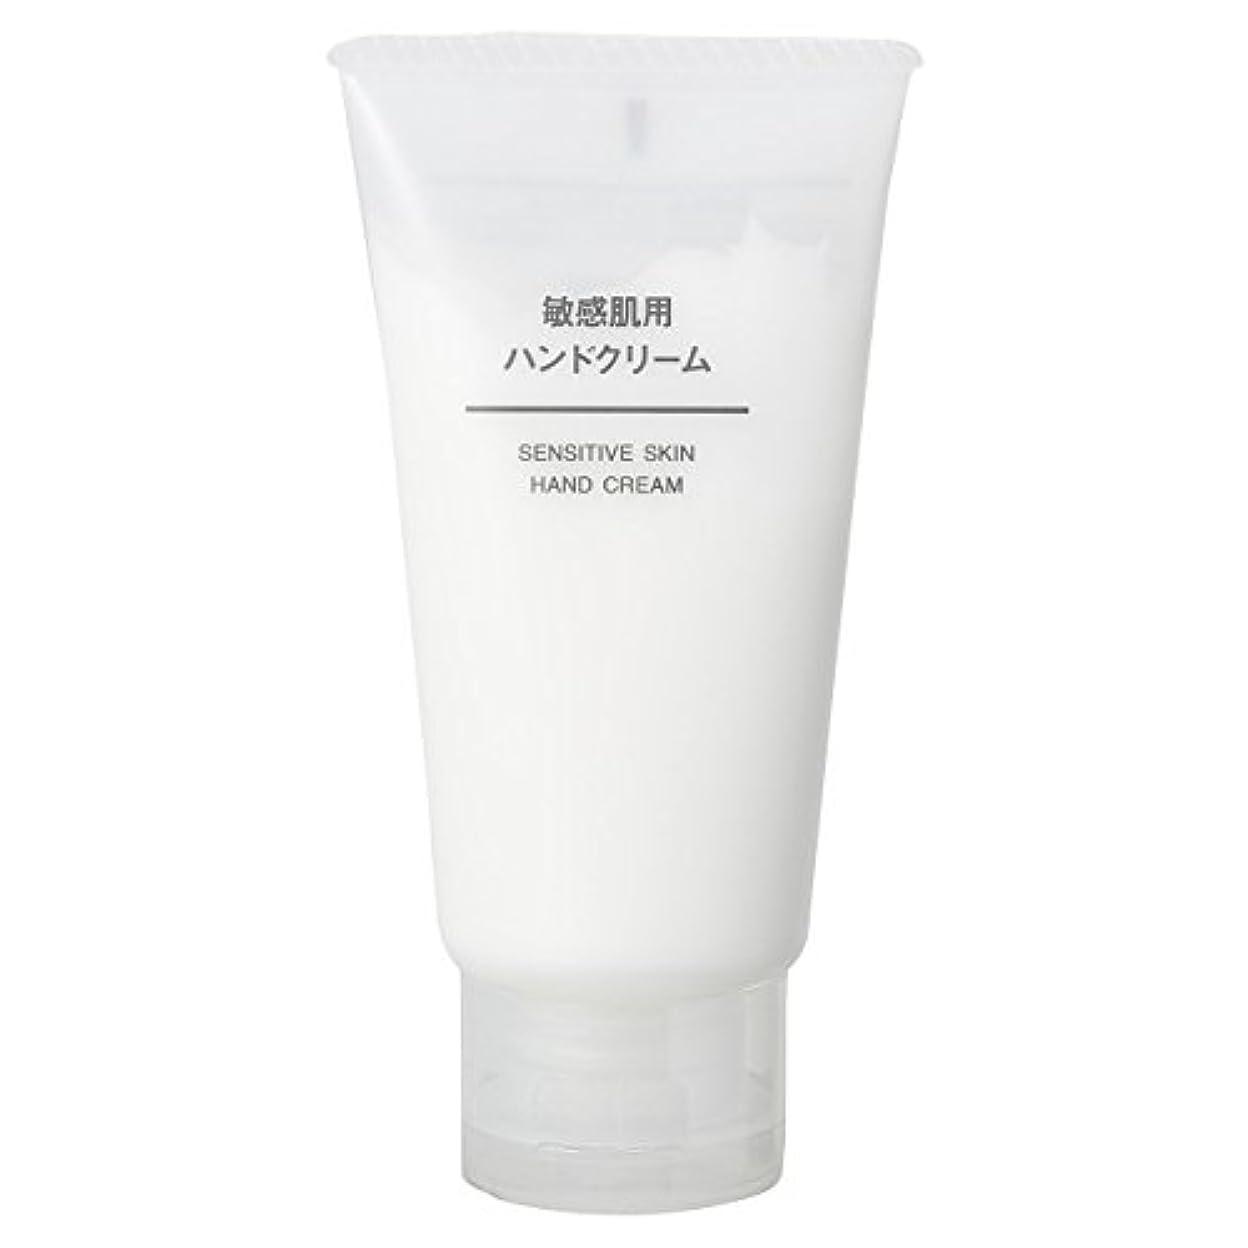 周り不確実ミシン無印良品 敏感肌用 ハンドクリーム 50g 日本製